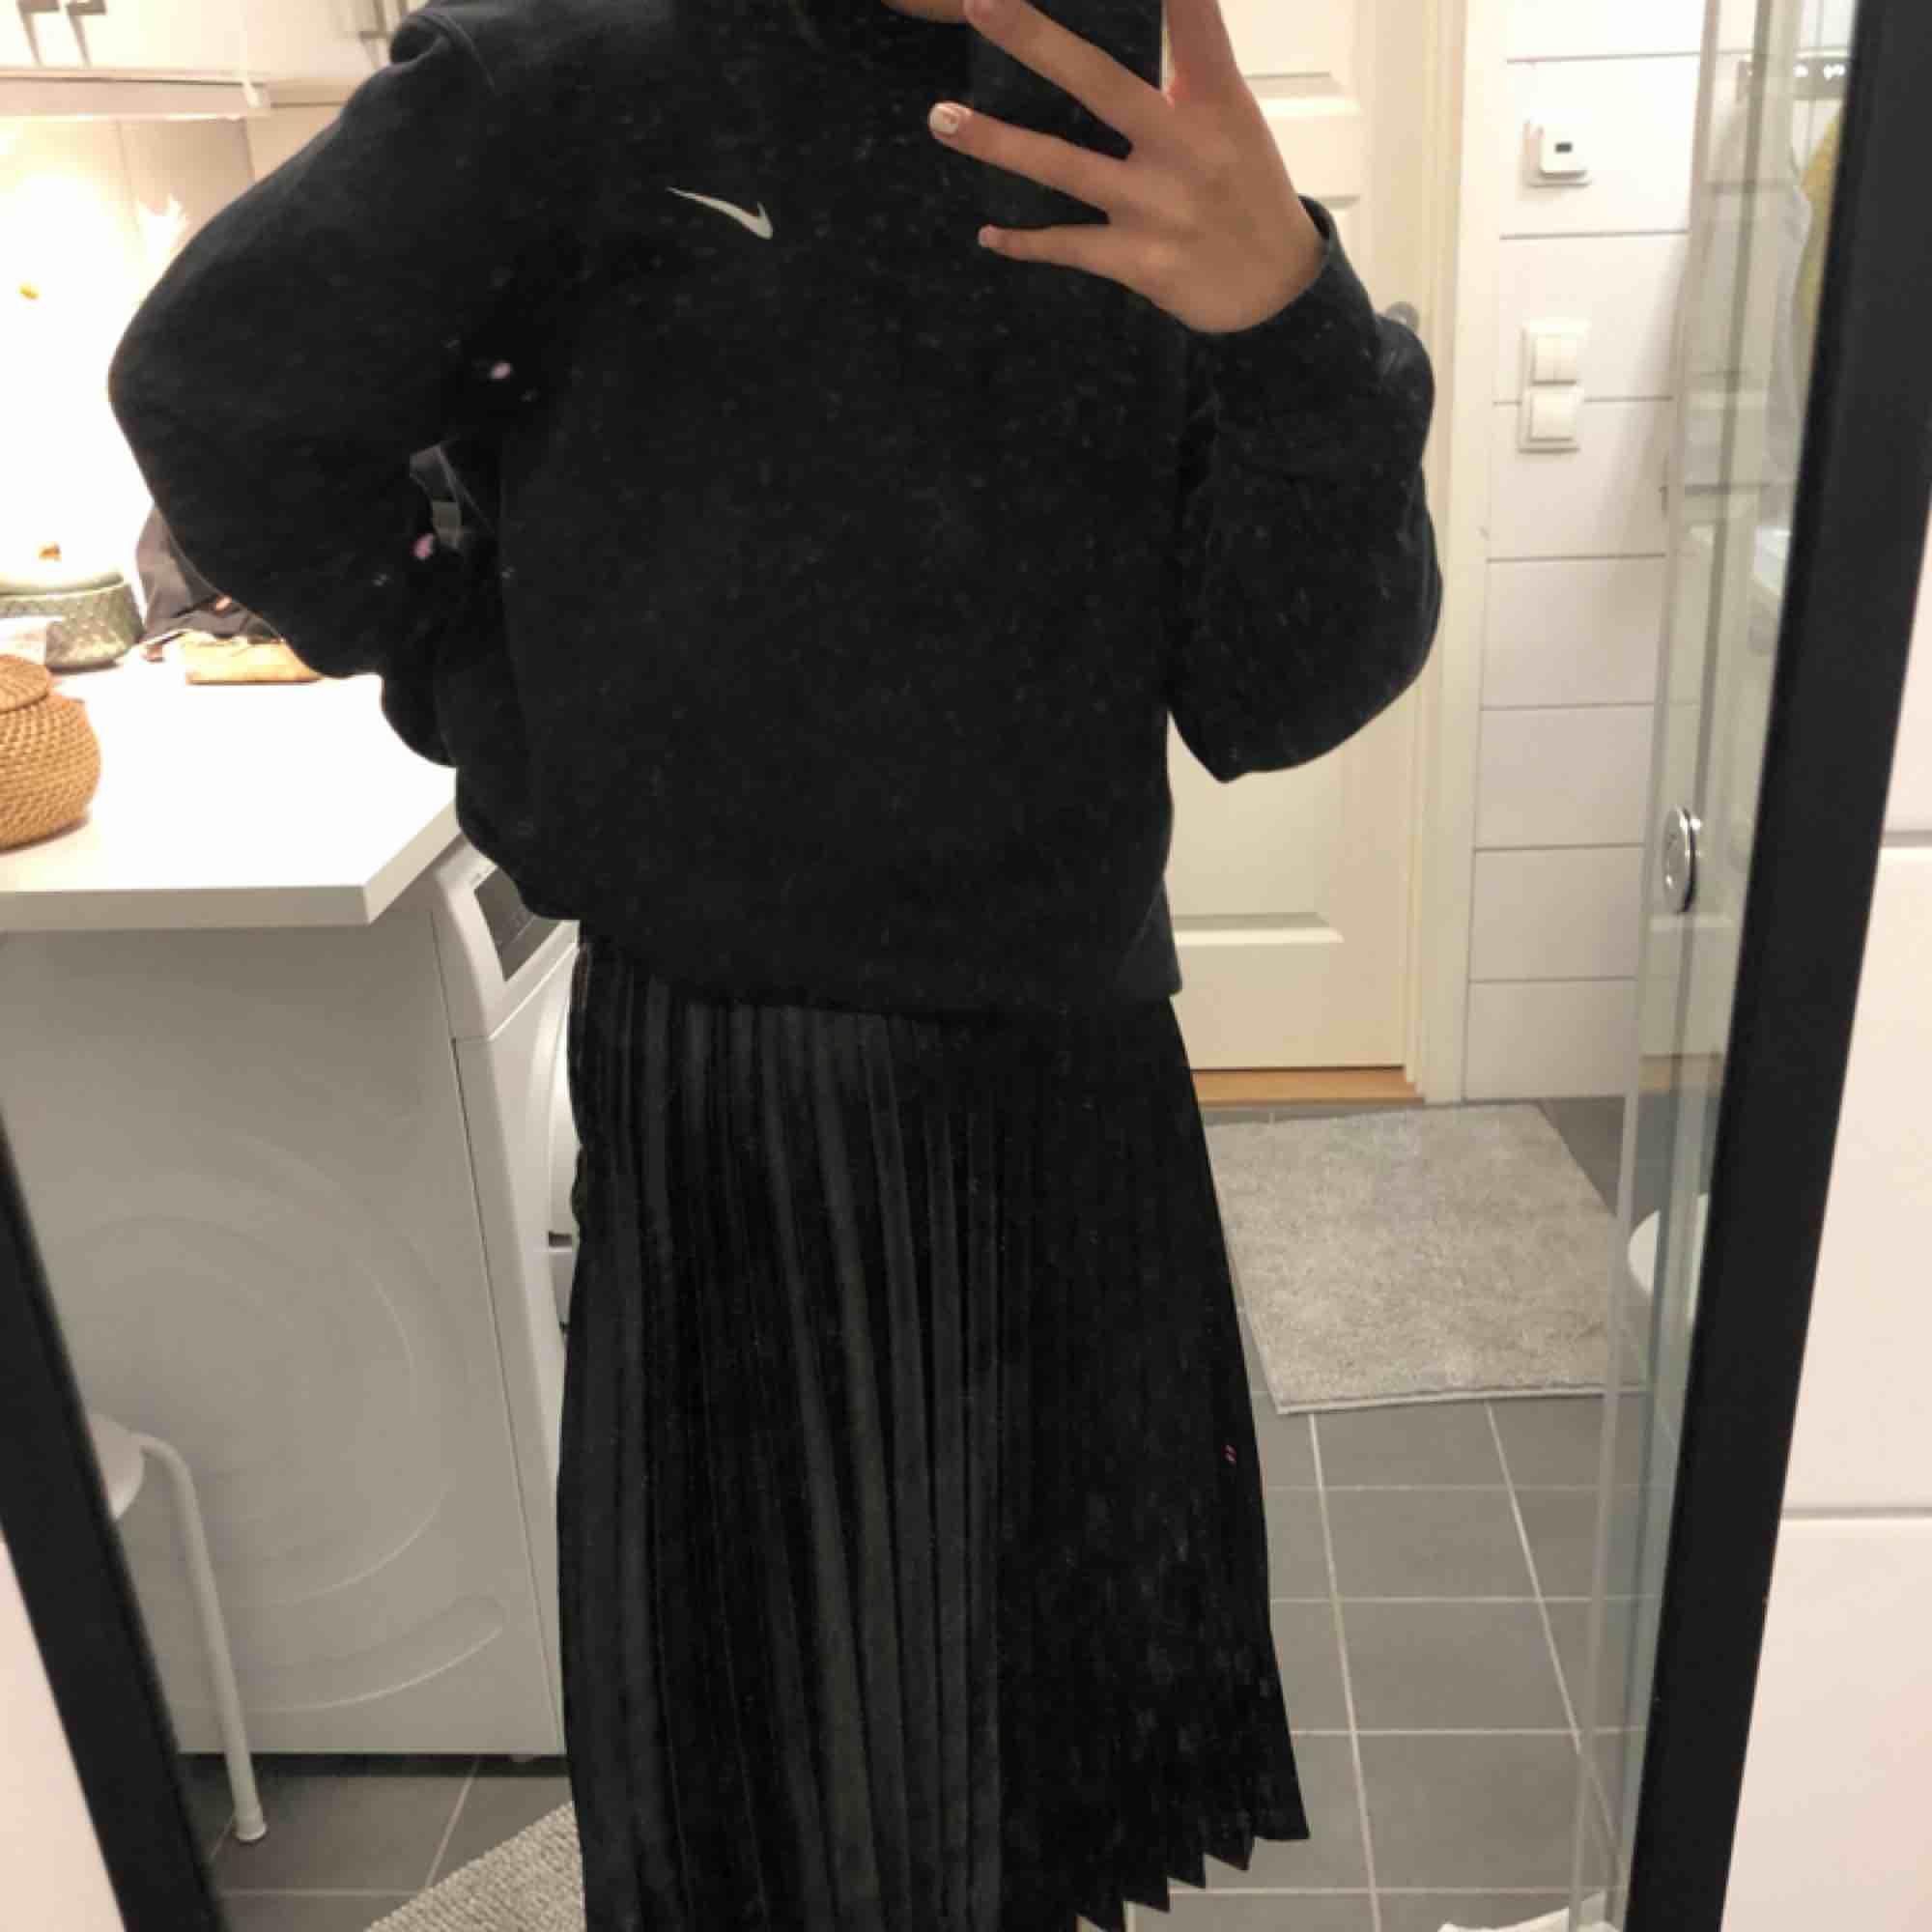 snygg plisserad kjol köpt på resa i turkiet för några år sedan🦋 frakt ligger på 40kr💌. Kjolar.